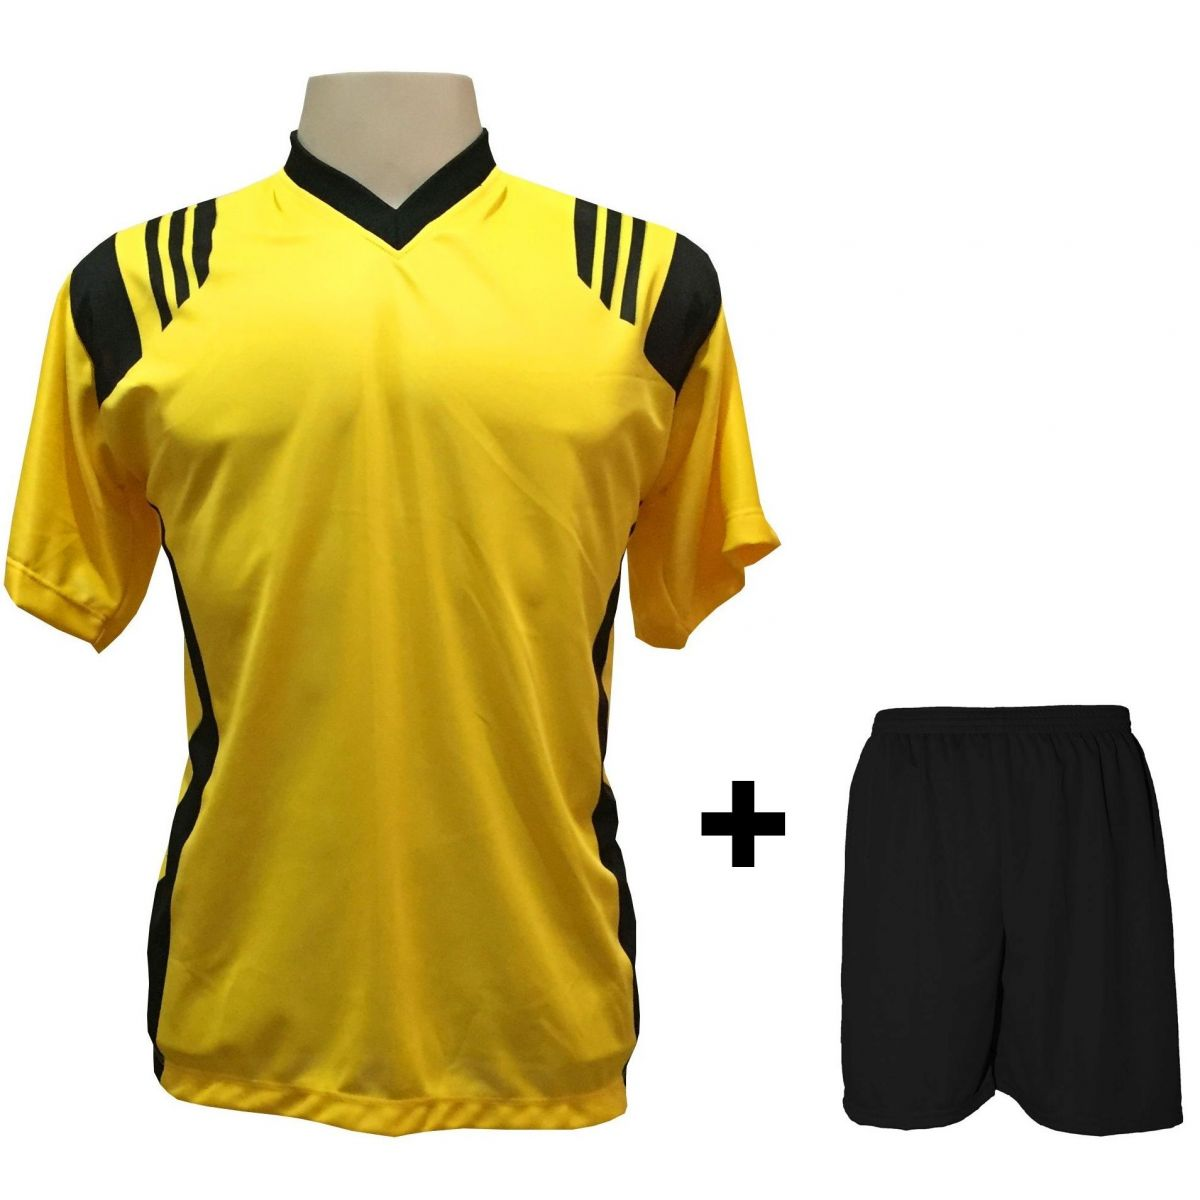 47225b259872 Uniforme Esportivo com 18 camisas modelo Roma Amarelo/Preto + 18 calções  modelo Madrid + ...